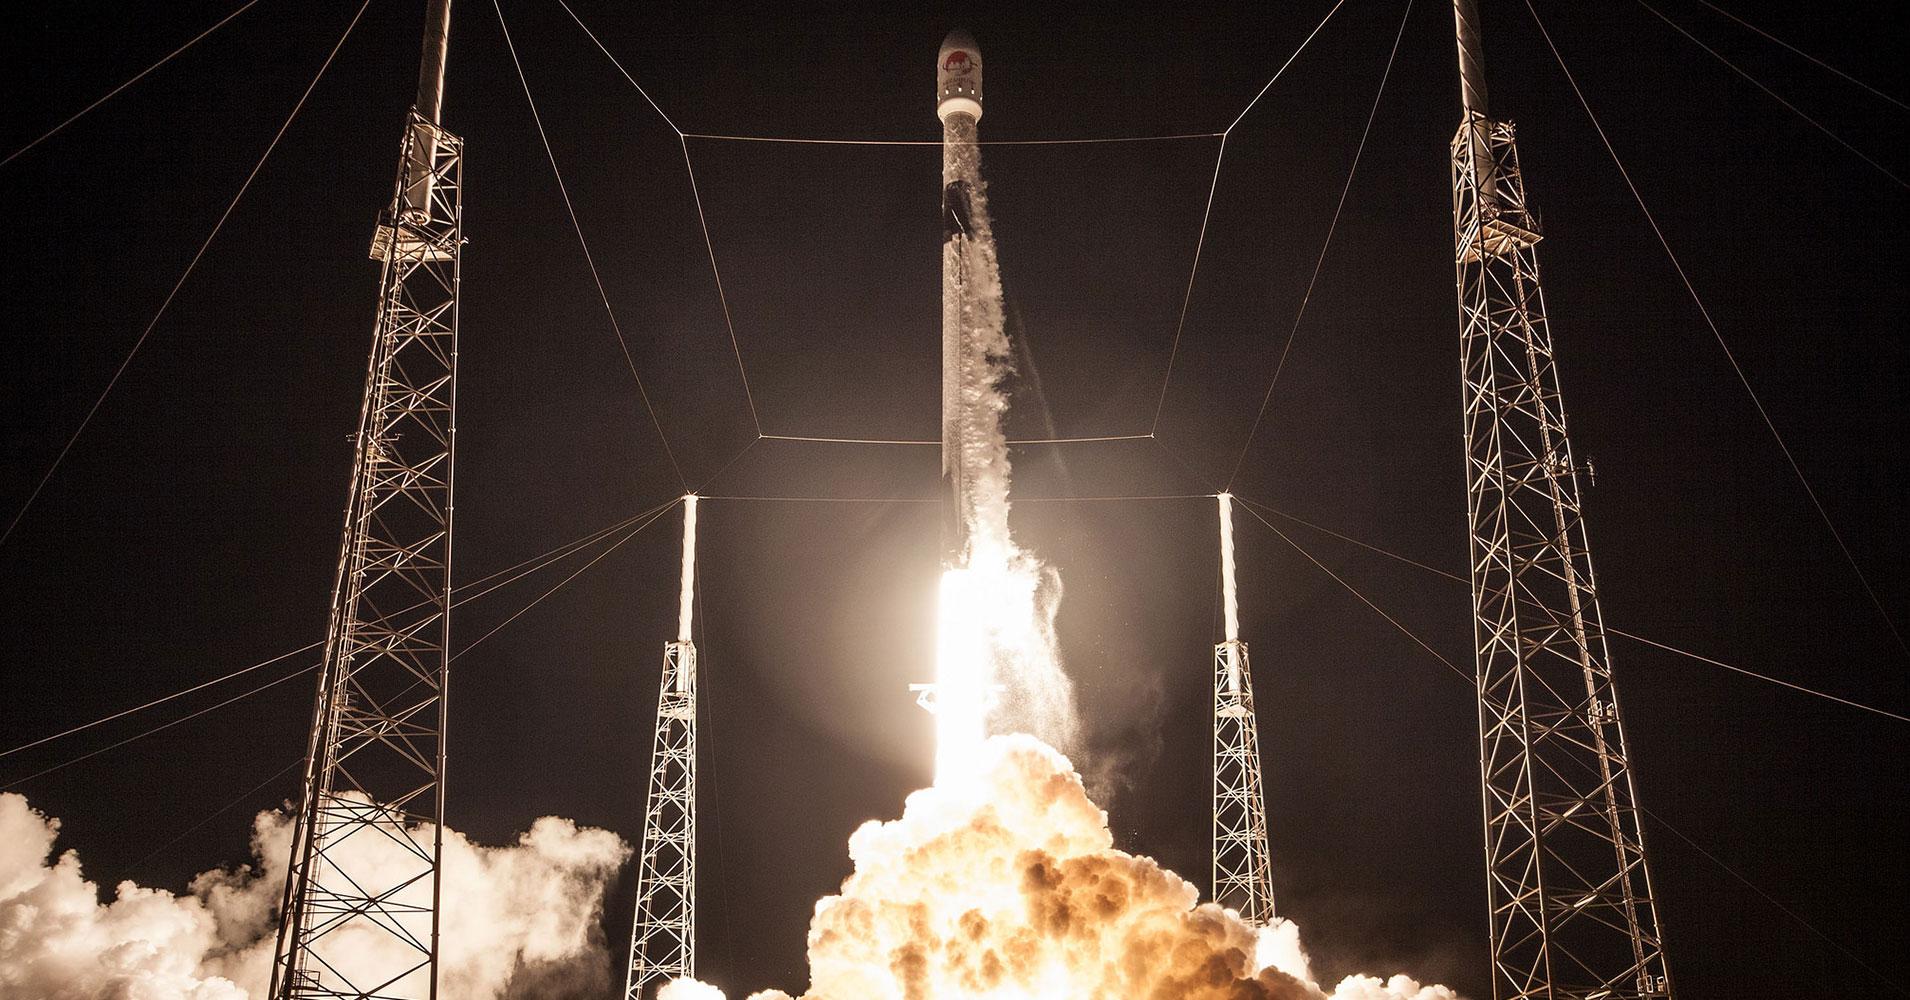 Tên lửa đẩy mạnh nhất thế giới Falcon 9 của Space X độc đáo ở khả năng có thể thu hồi và tái sử dụng lại. Ảnh: NASA.